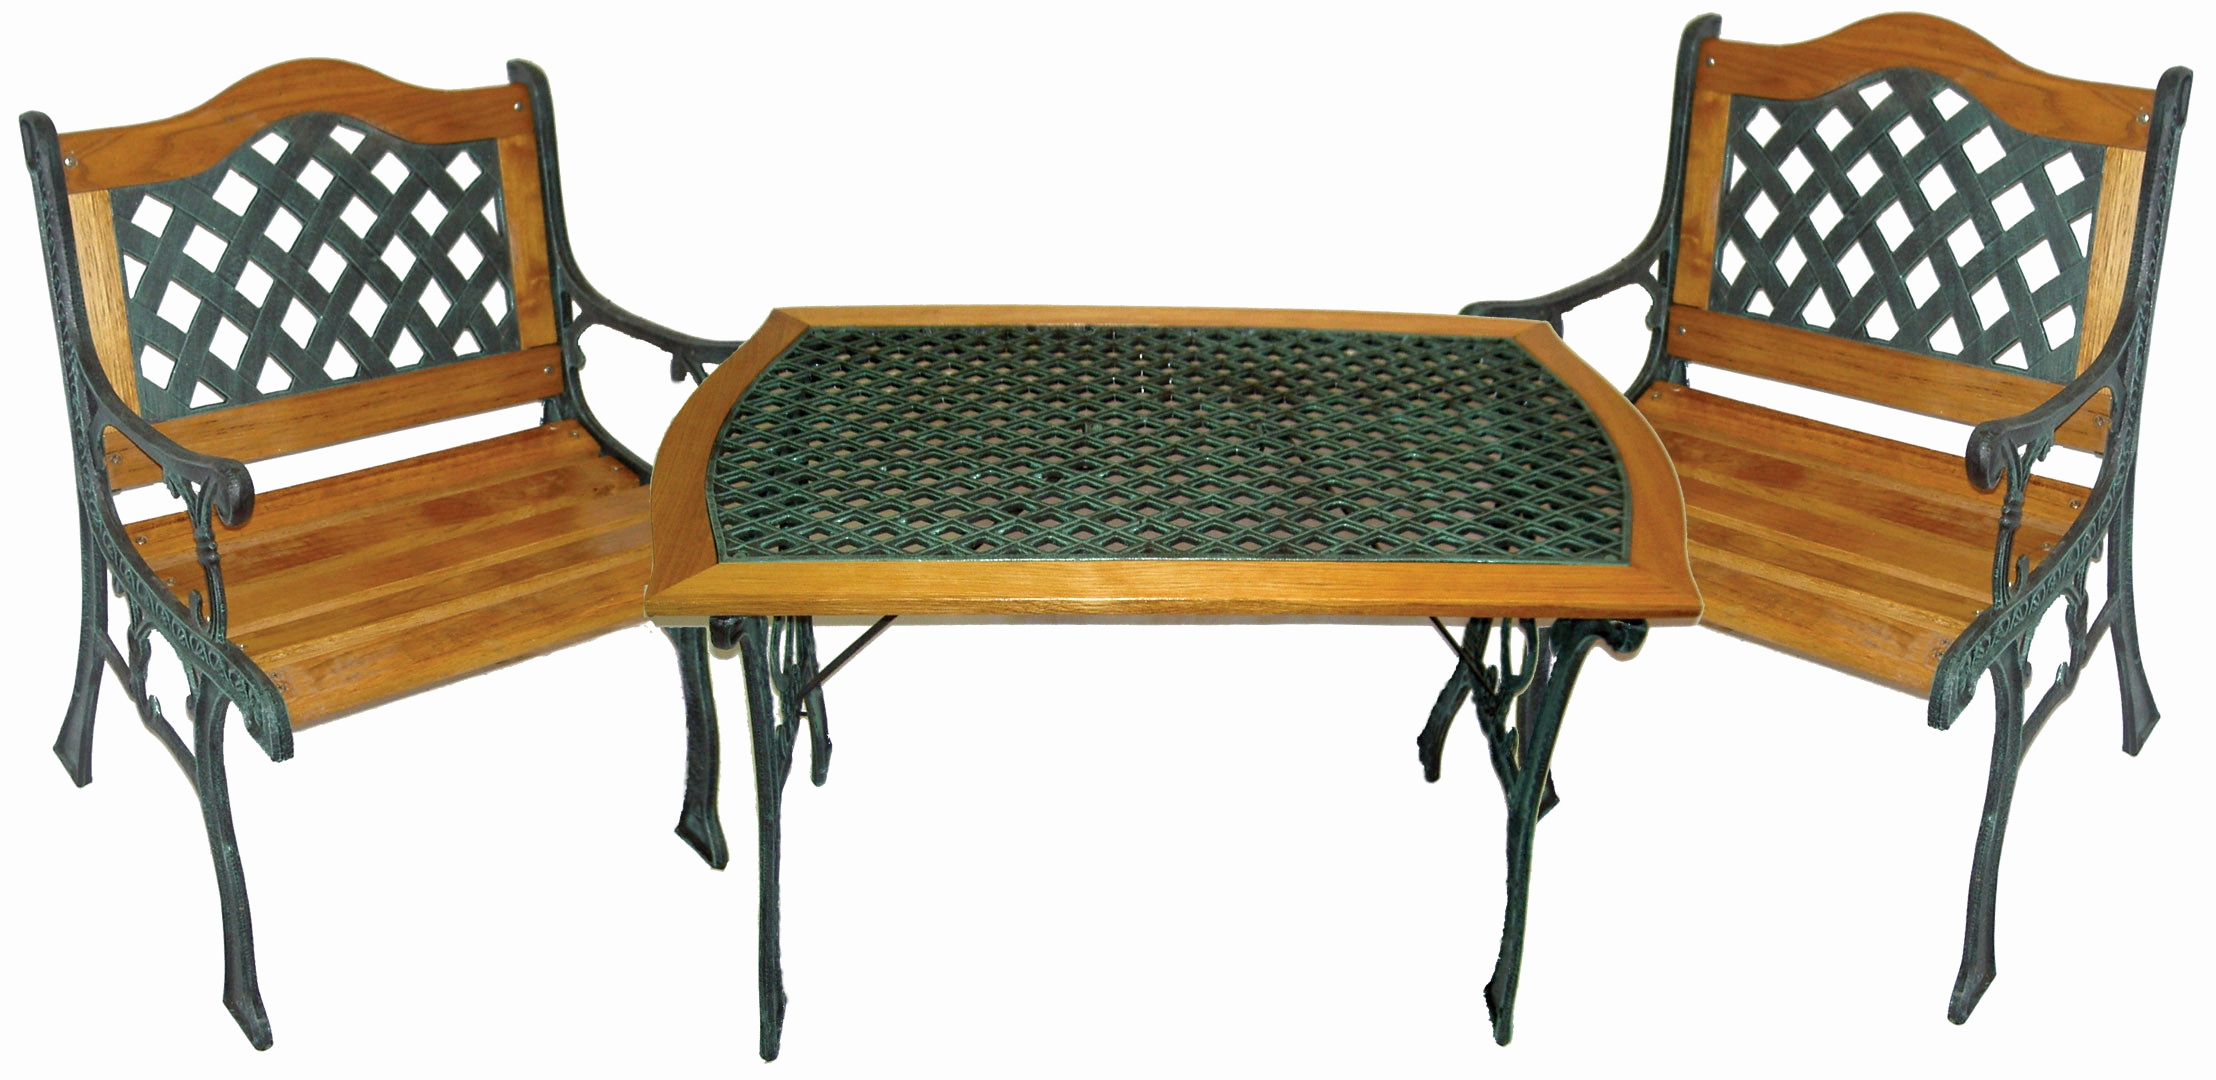 fabriquer un salon de jardin en bois beau 76 luxe de fabriquer un banc de jardin of fabriquer un salon de jardin en bois